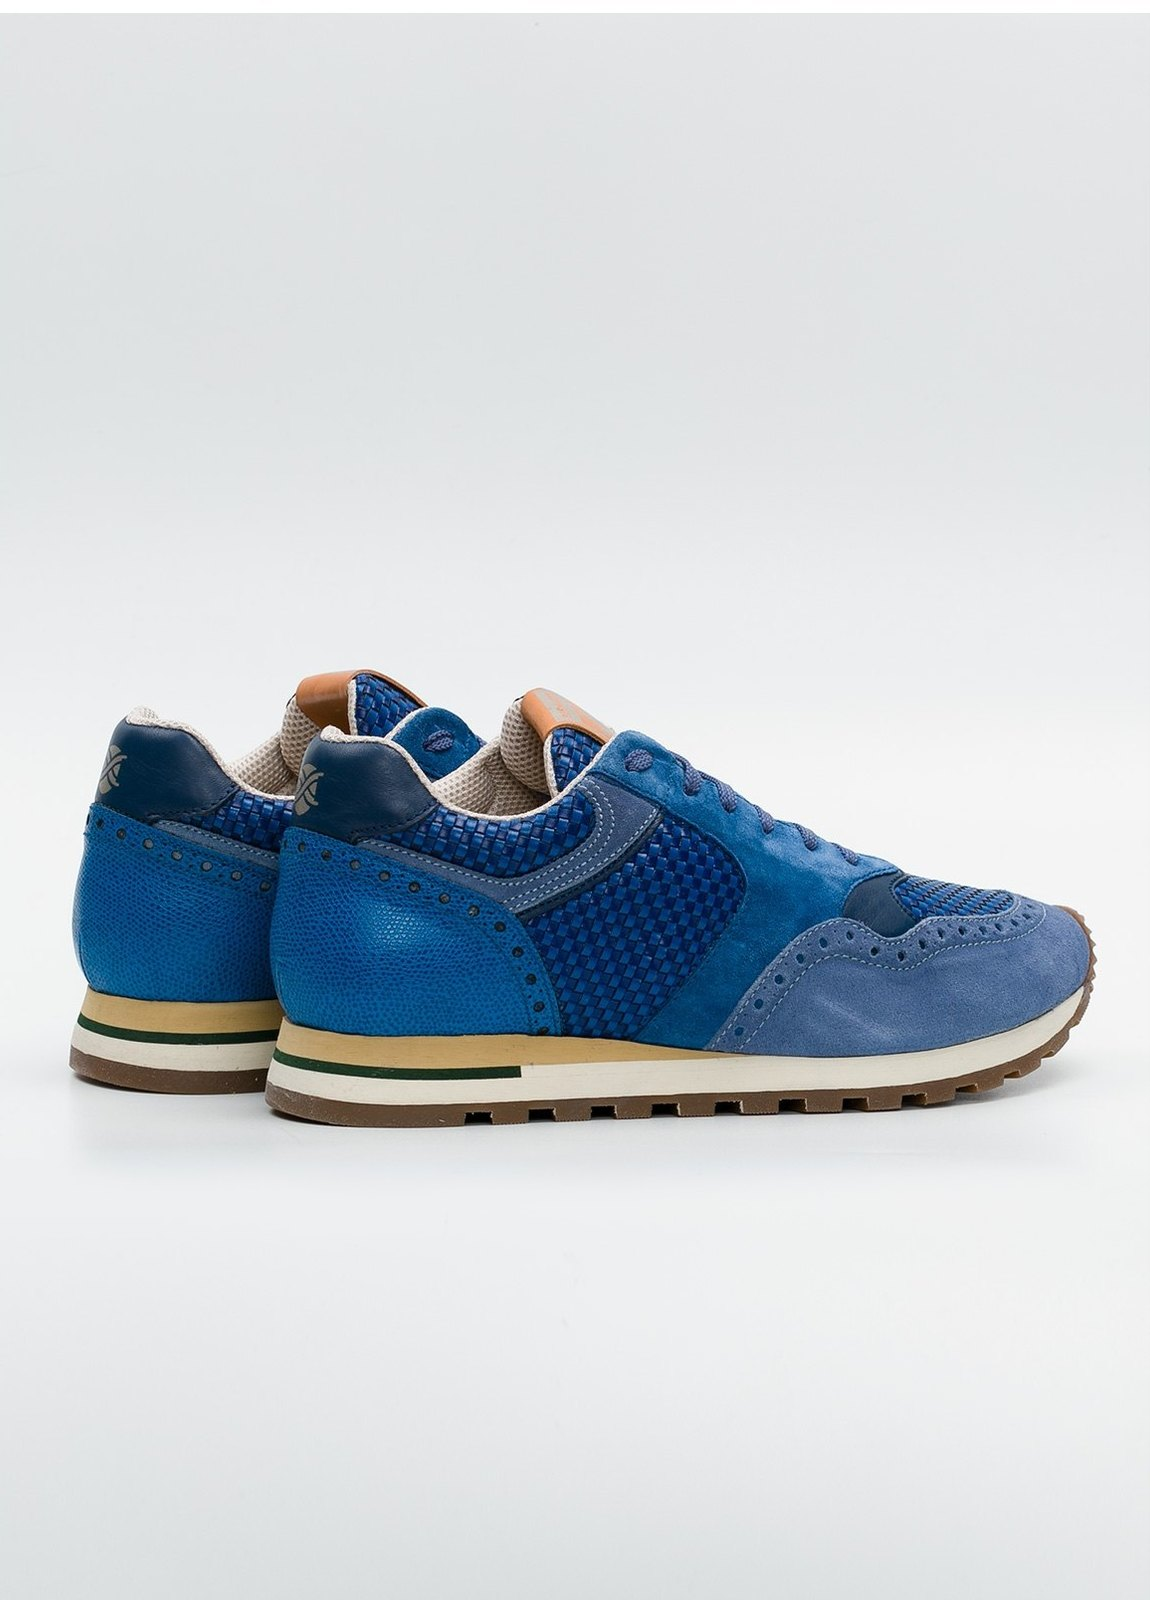 Calzado Sport color azul, serraje y piel. - Ítem3